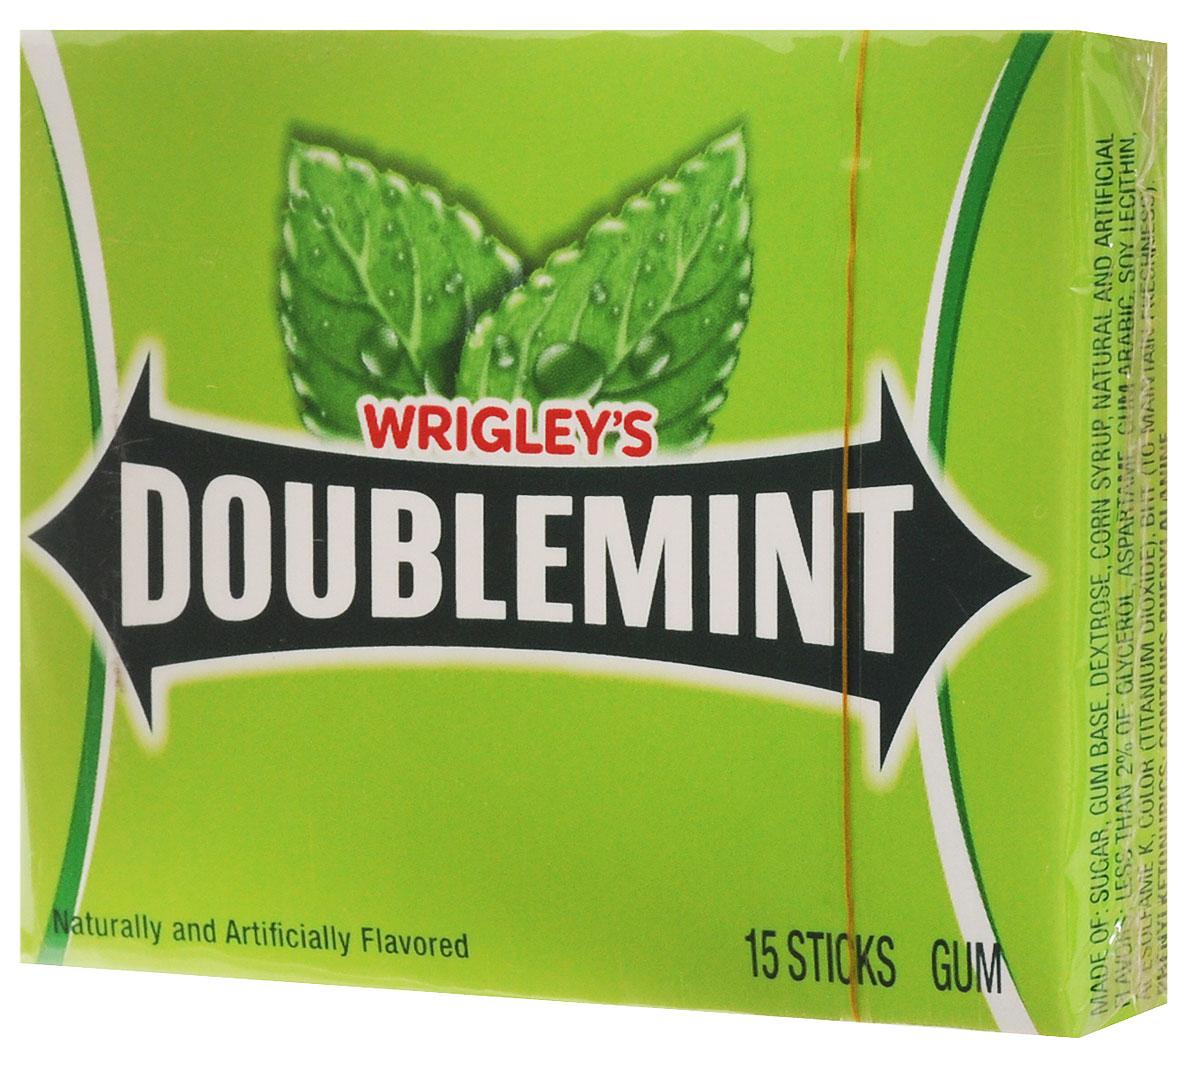 Doublemint жевательная резинка, 40,5 г226660Жевательная резинка Doublemint имеет мягкий, но насыщенный вкус перечной мяты, умеренную сладость и свежий аромат. Эфирные масла, которые входят в ее состав, гарантируют длительную свежесть дыхания, а также охраняют зубную эмаль от кариеса и налета. Это особенно пригодится тем, кто вынужден принимать пищу вне дома и не имеет возможности почистить зубы и воспользоваться нитью. Уважаемые клиенты! Обращаем ваше внимание, что полный перечень состава продукта представлен на дополнительном изображении.